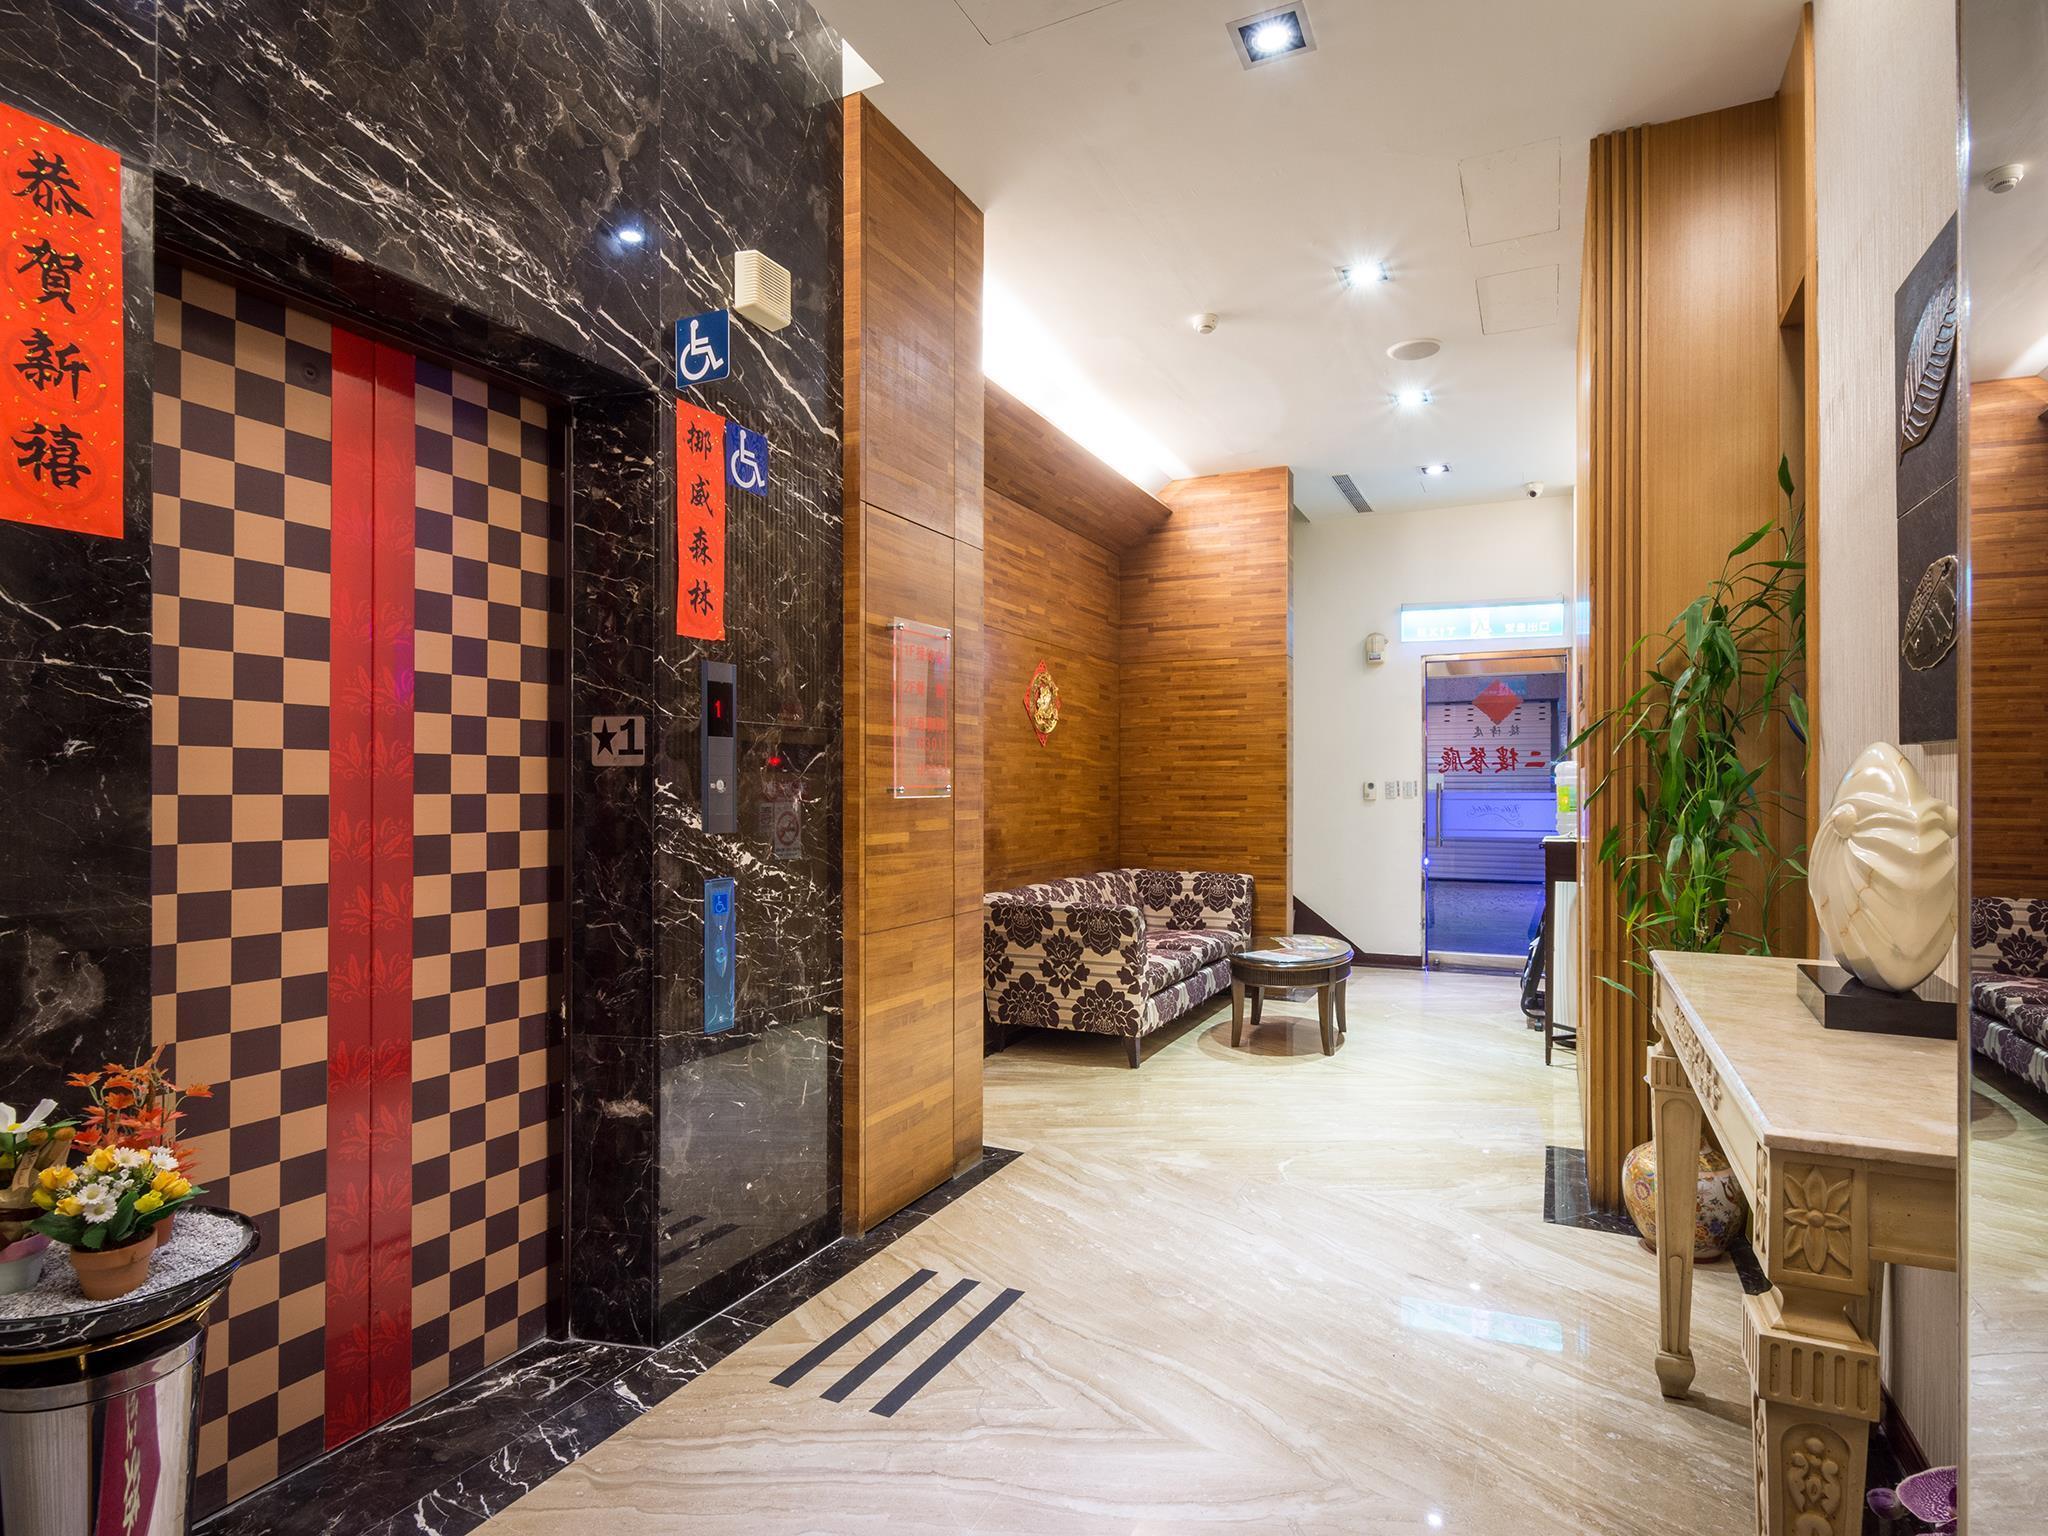 挪威森林頂級Villa汽車旅館 | 臺北市 2020年 最新優惠 TWD1487 │ 點進來看照片和評論~